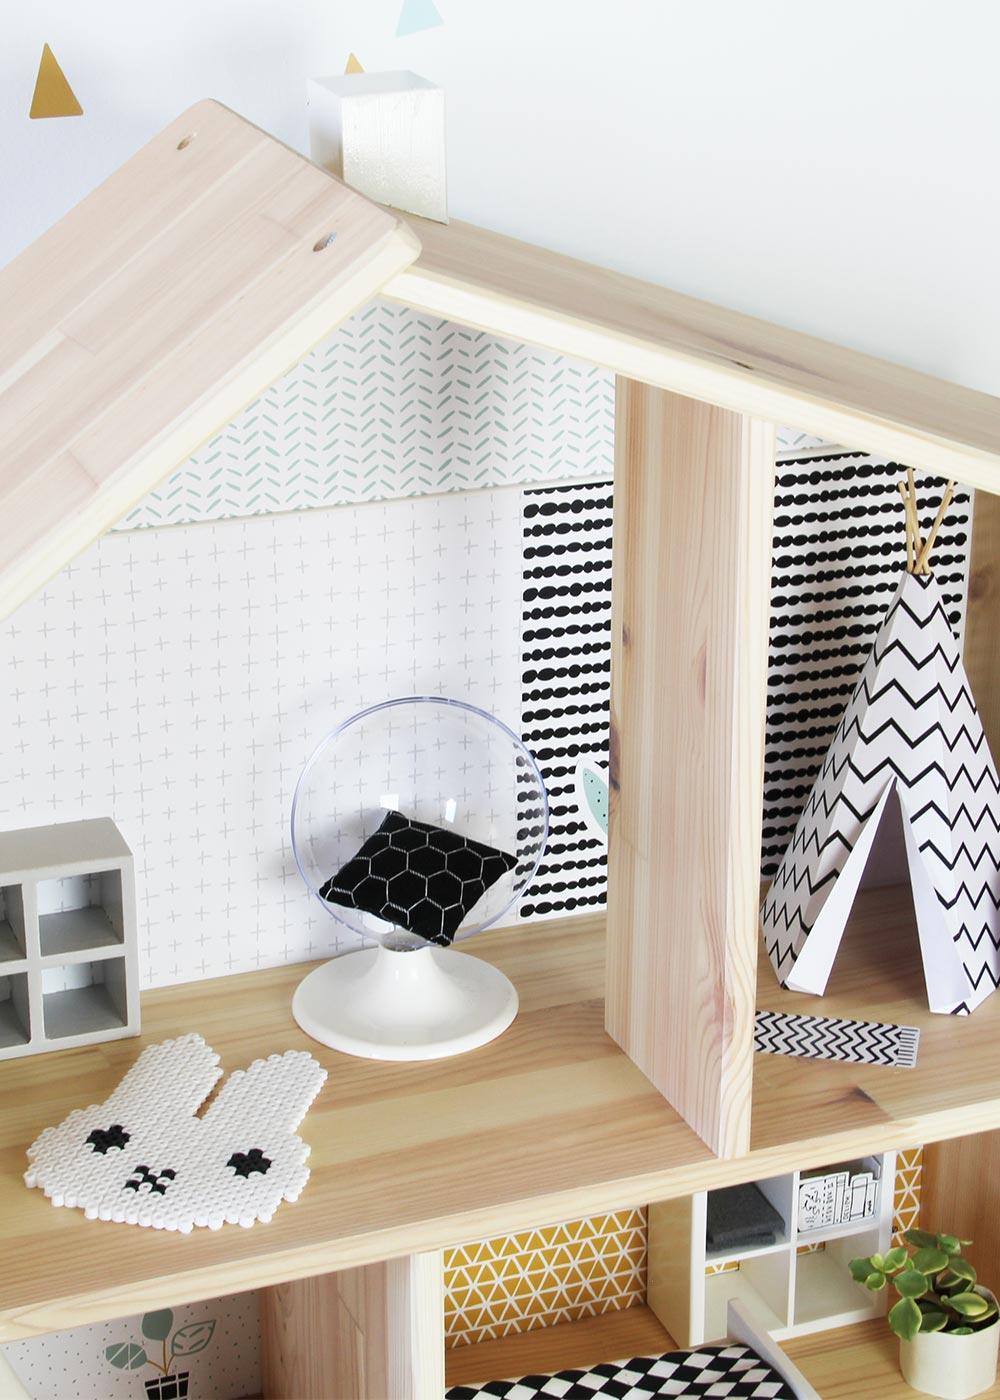 Ikea Flisat Puppenhaus Tapete Lille Stuba mint senf Teilansicht Wohnzimmer